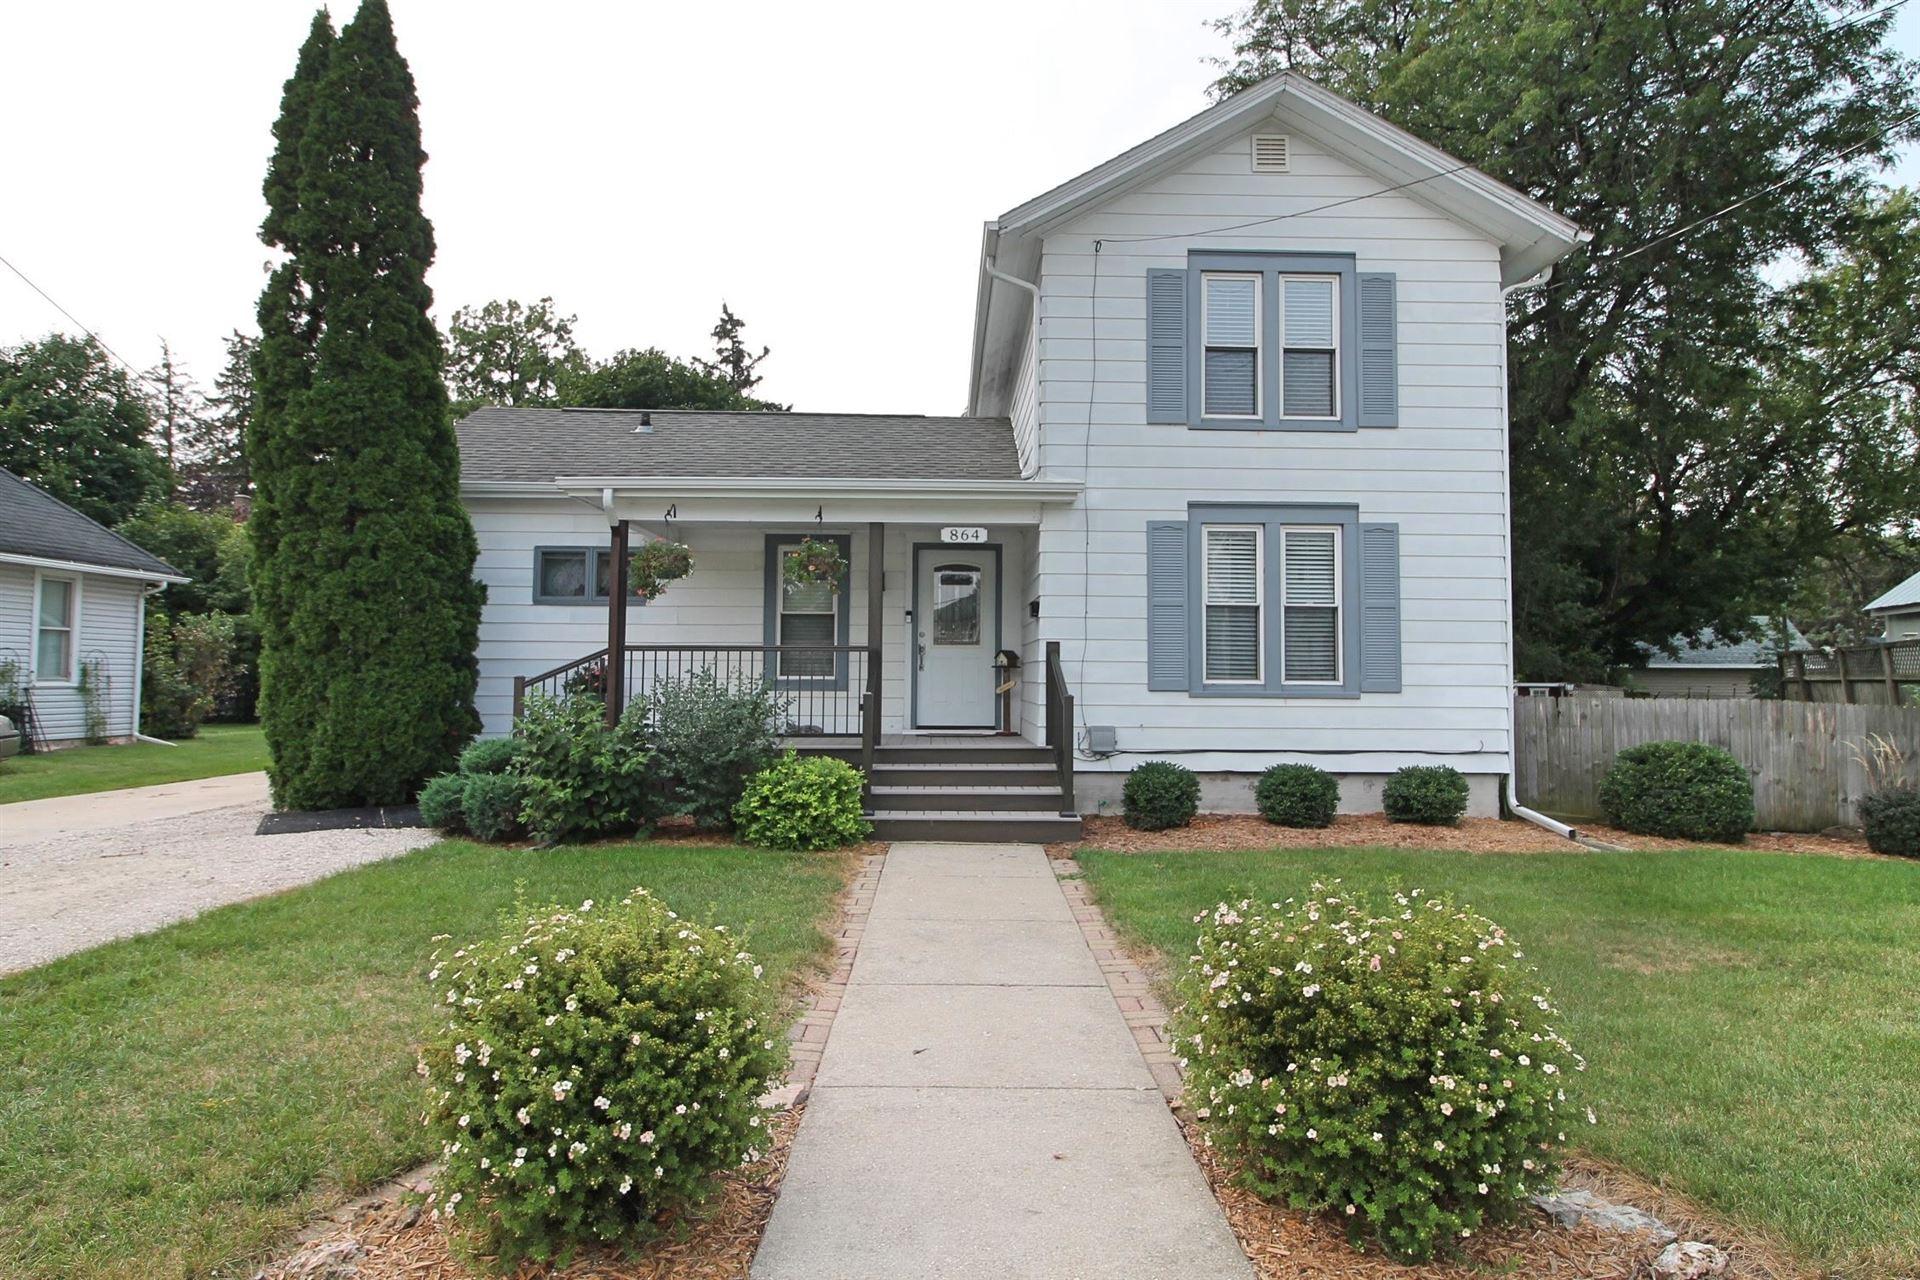 864 Glen St, Janesville, WI 53545 - #: 1919126